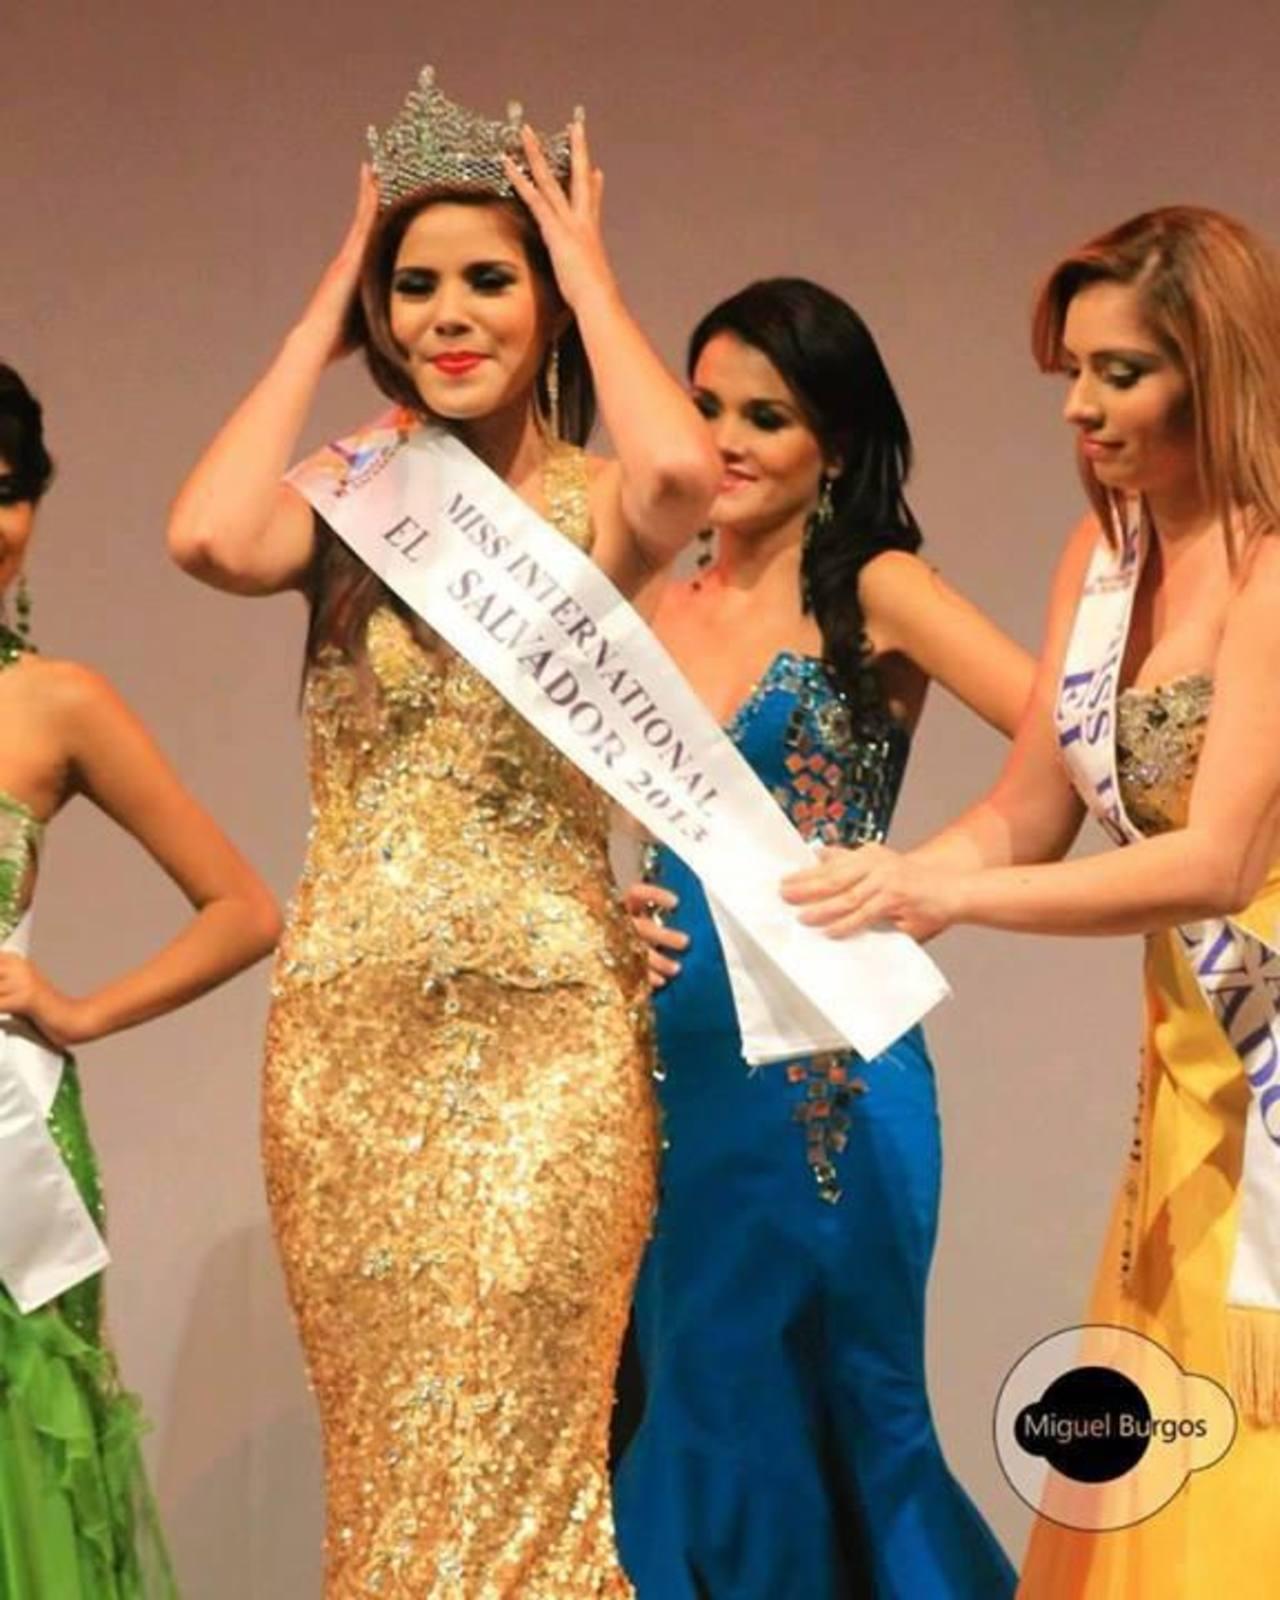 El certamen Reinado de El Salvador elegirá a quienes representen a nuestro país en varios concursos internacionales.